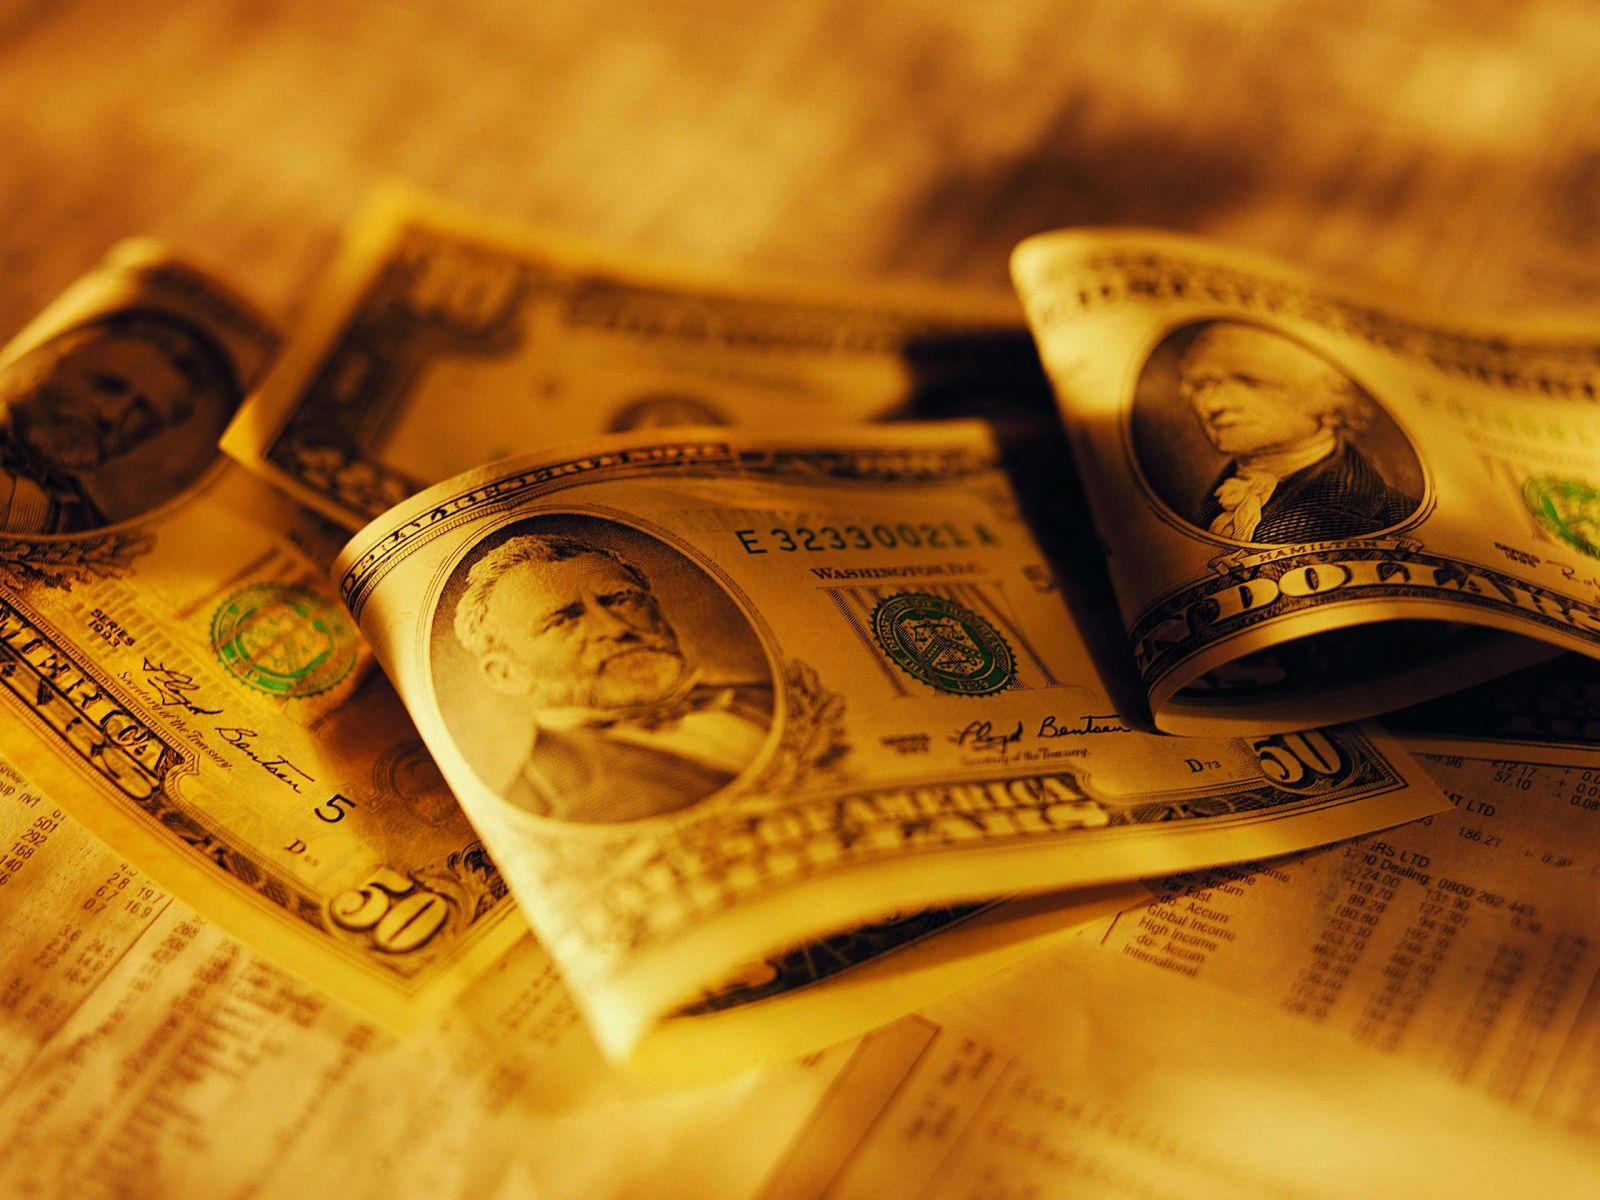 Моментальный обмен Киви на Биткоин в обменнике сейчас